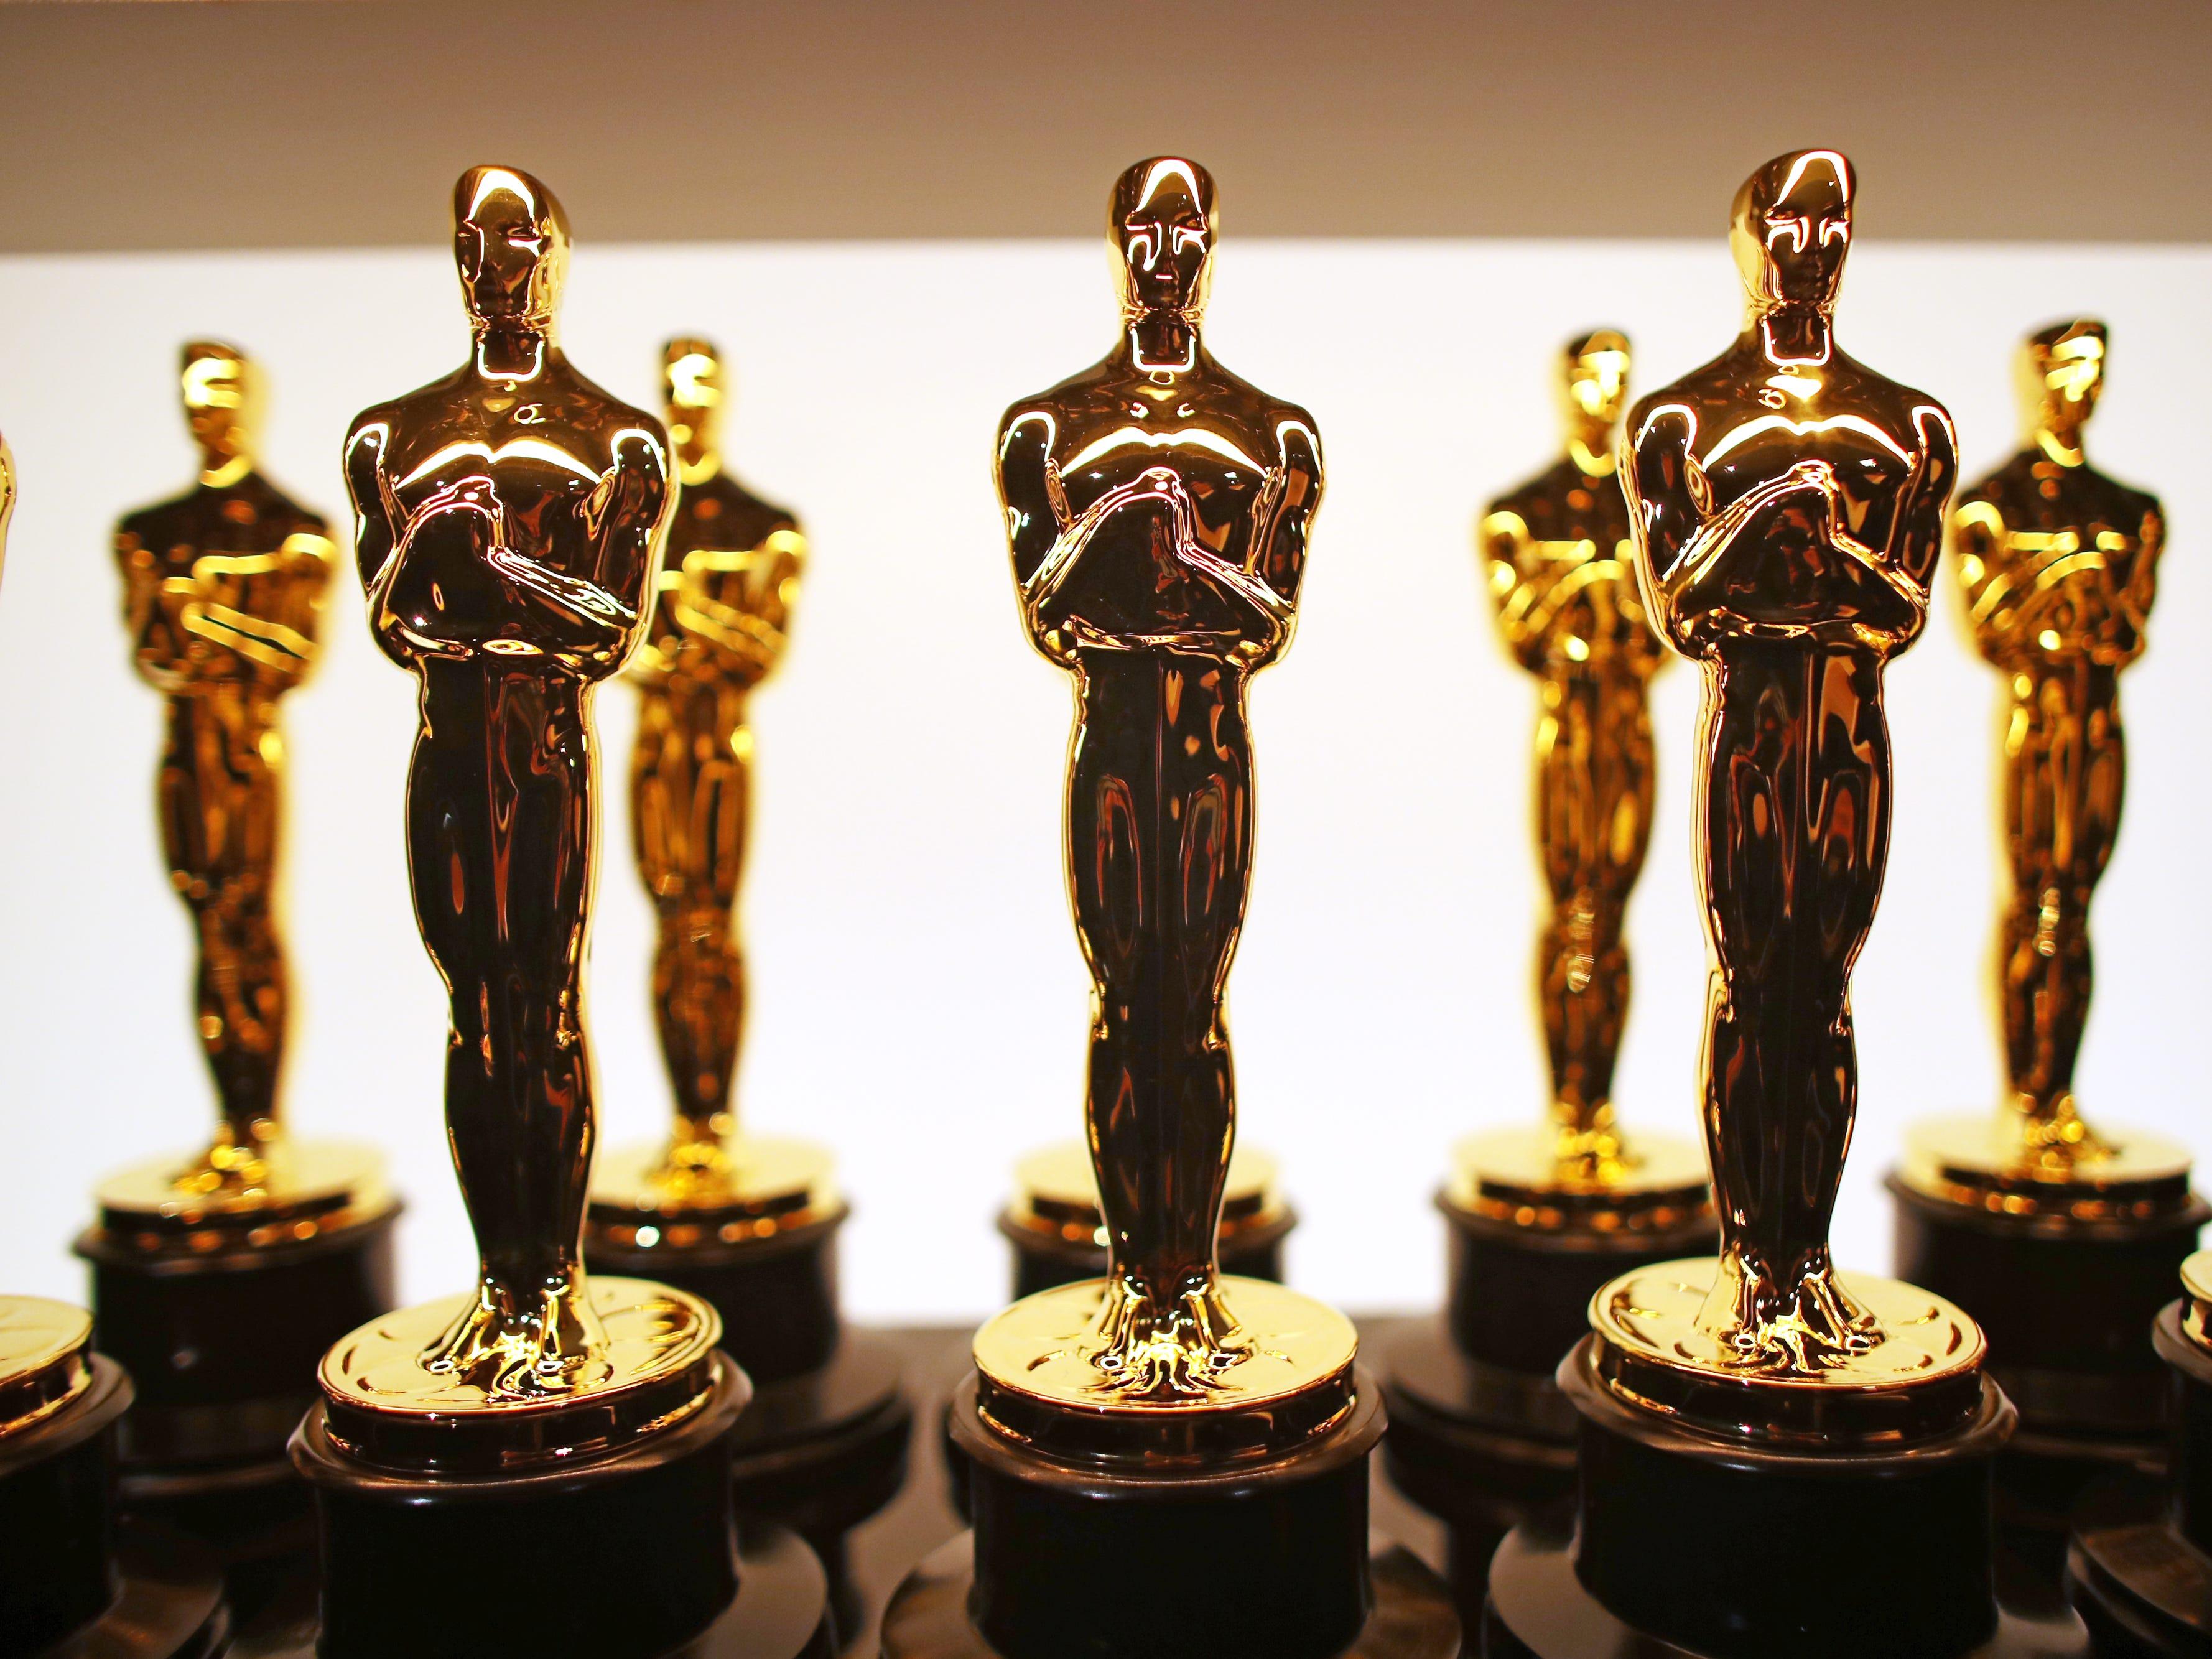 'Roma' arrasa con 10 nominaciones al Oscar, incluyendo actrices